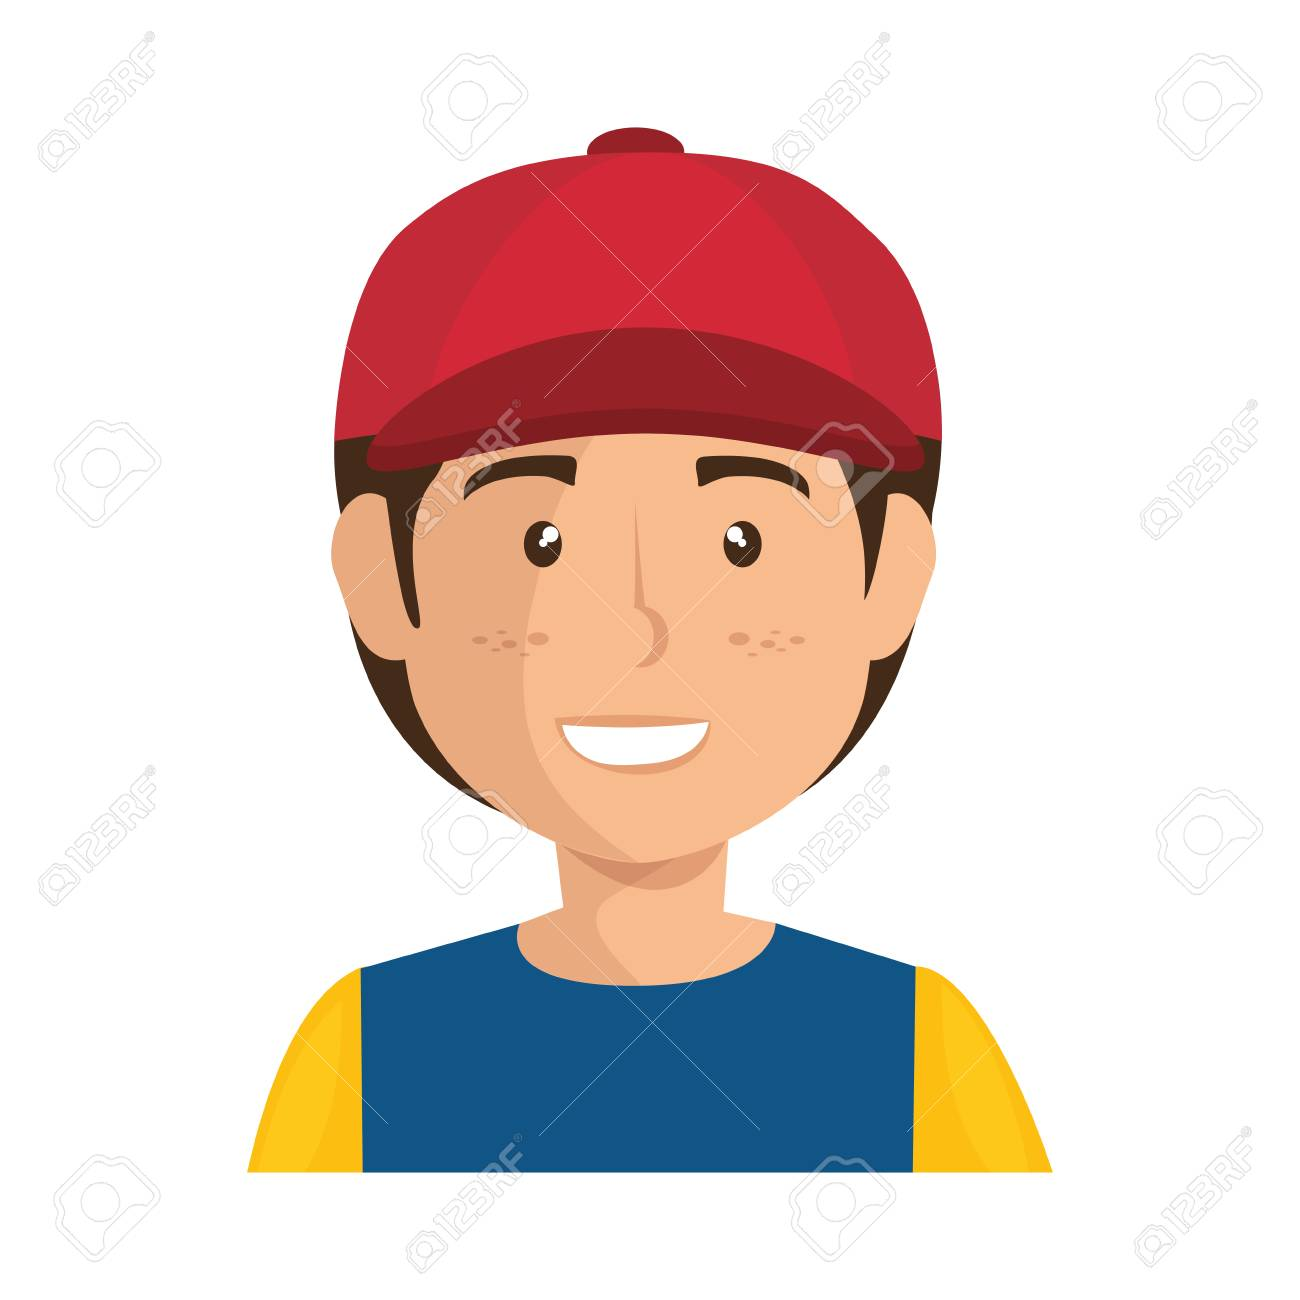 varios estilos Precio al por mayor 2019 más popular Niño de dibujos animados con un icono de gorra sobre fondo blanco  ilustración vectorial de diseño colorido